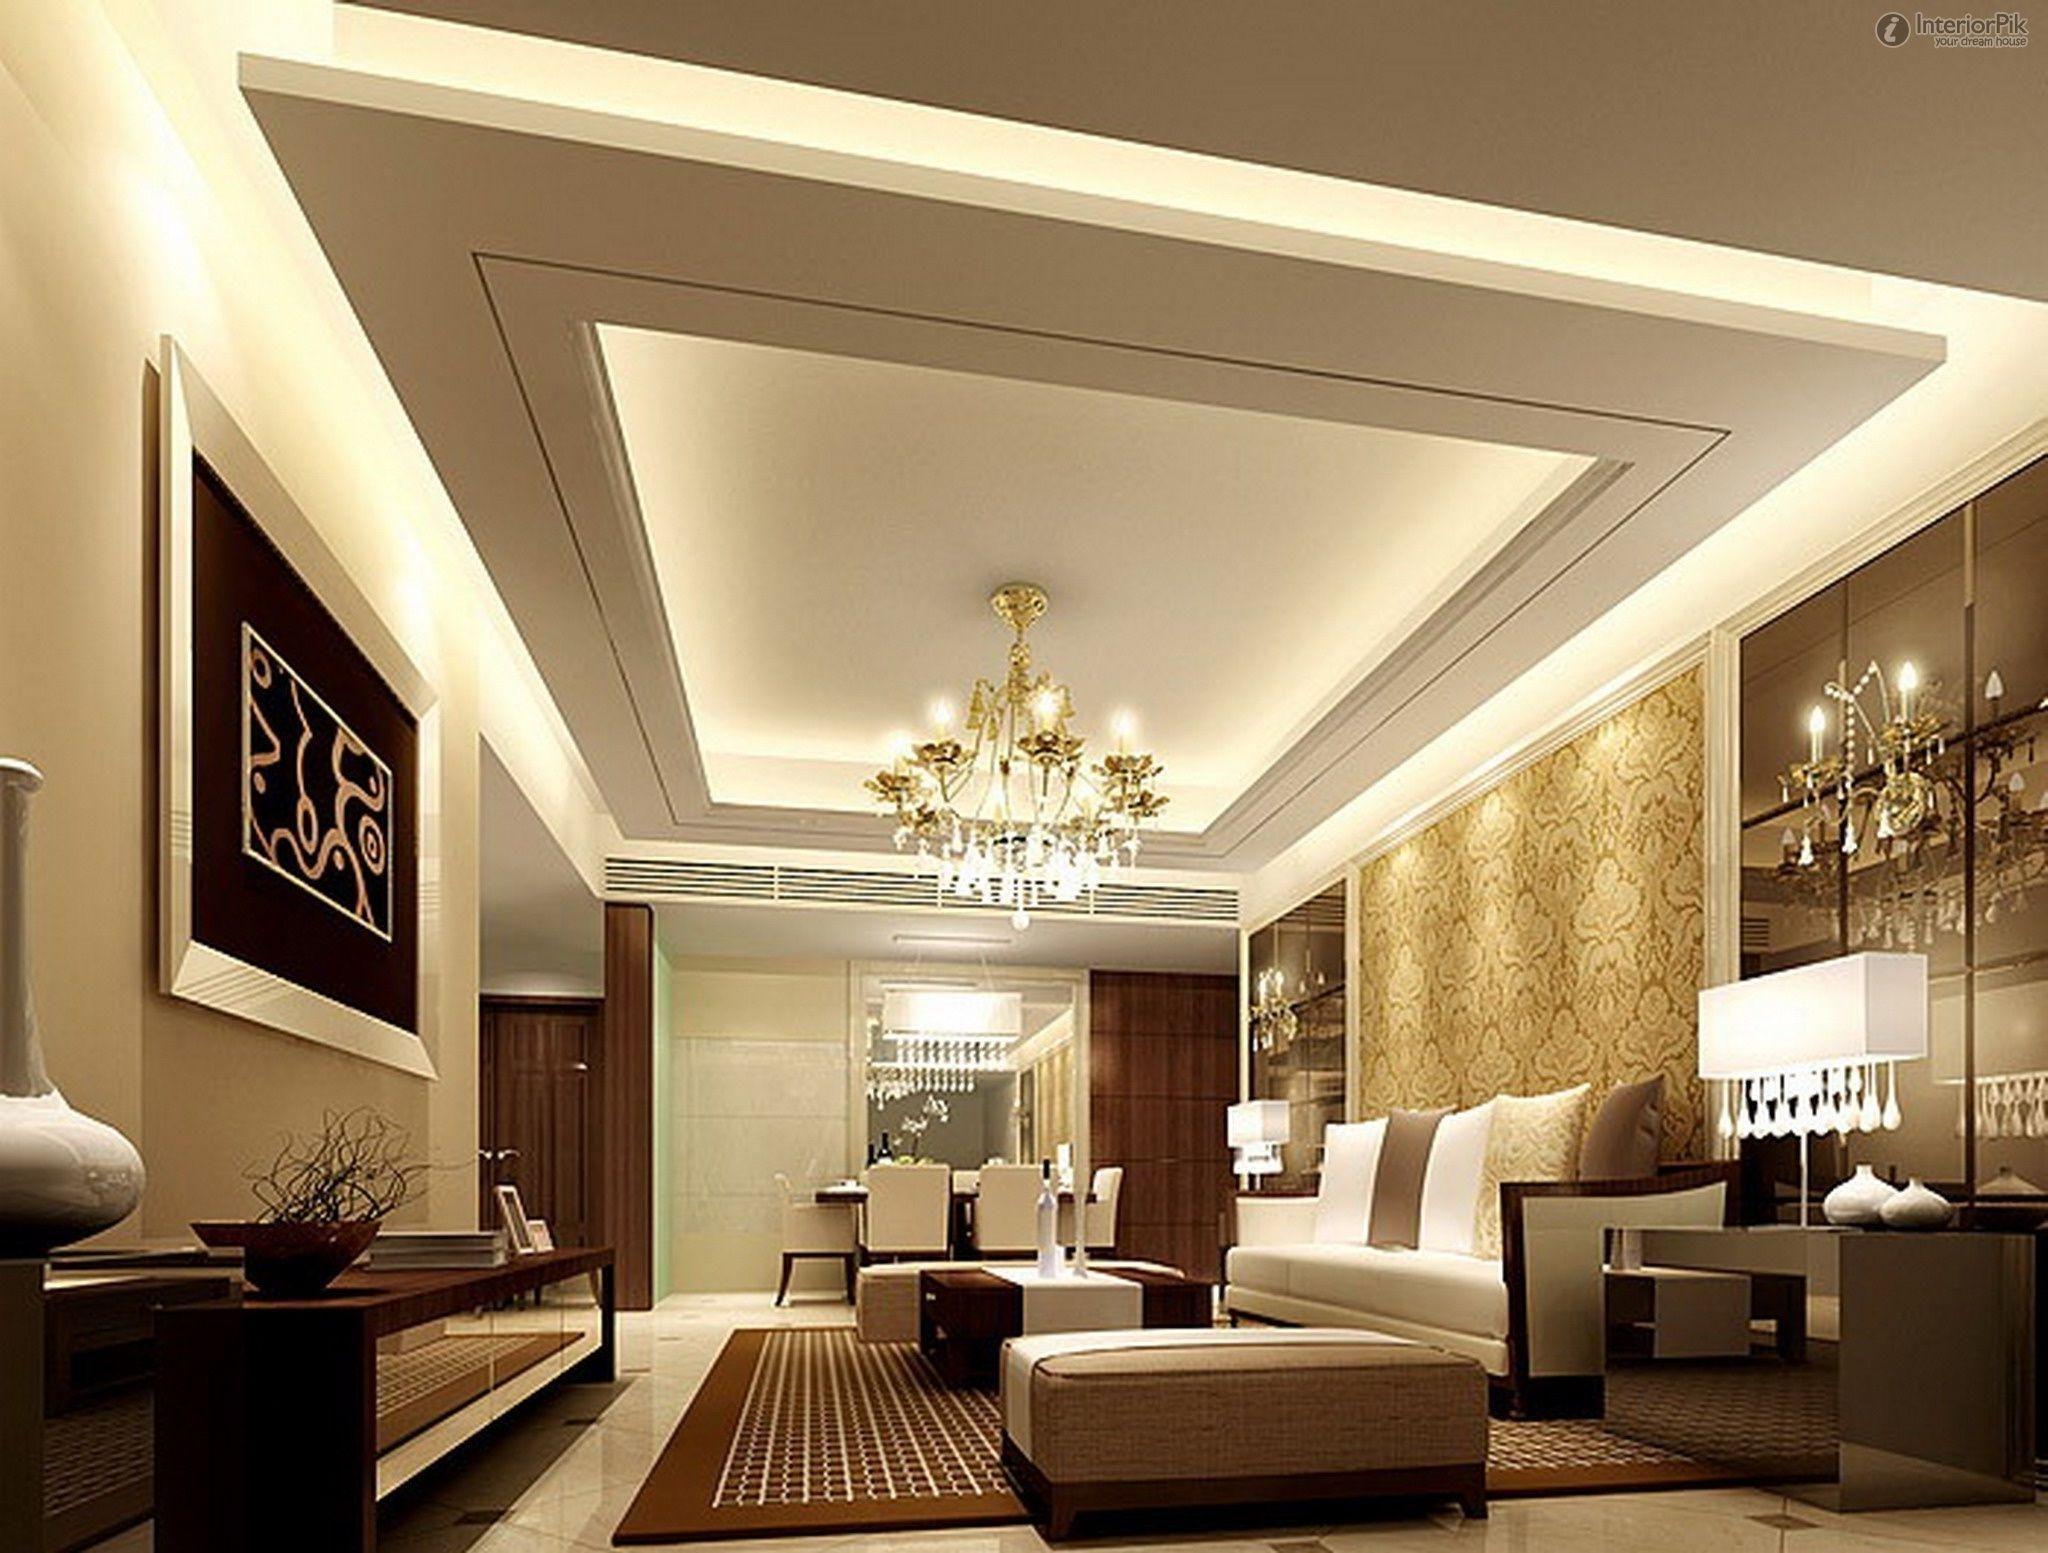 Schockierend Interieur Wohnzimmer in 7  Deckengestaltung